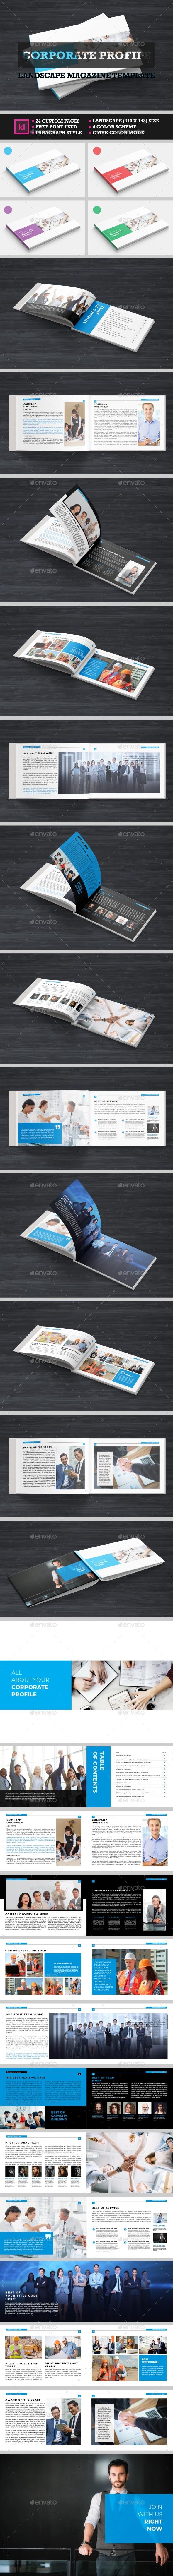 Corporate Profile Magazine - Corporate Business Cards